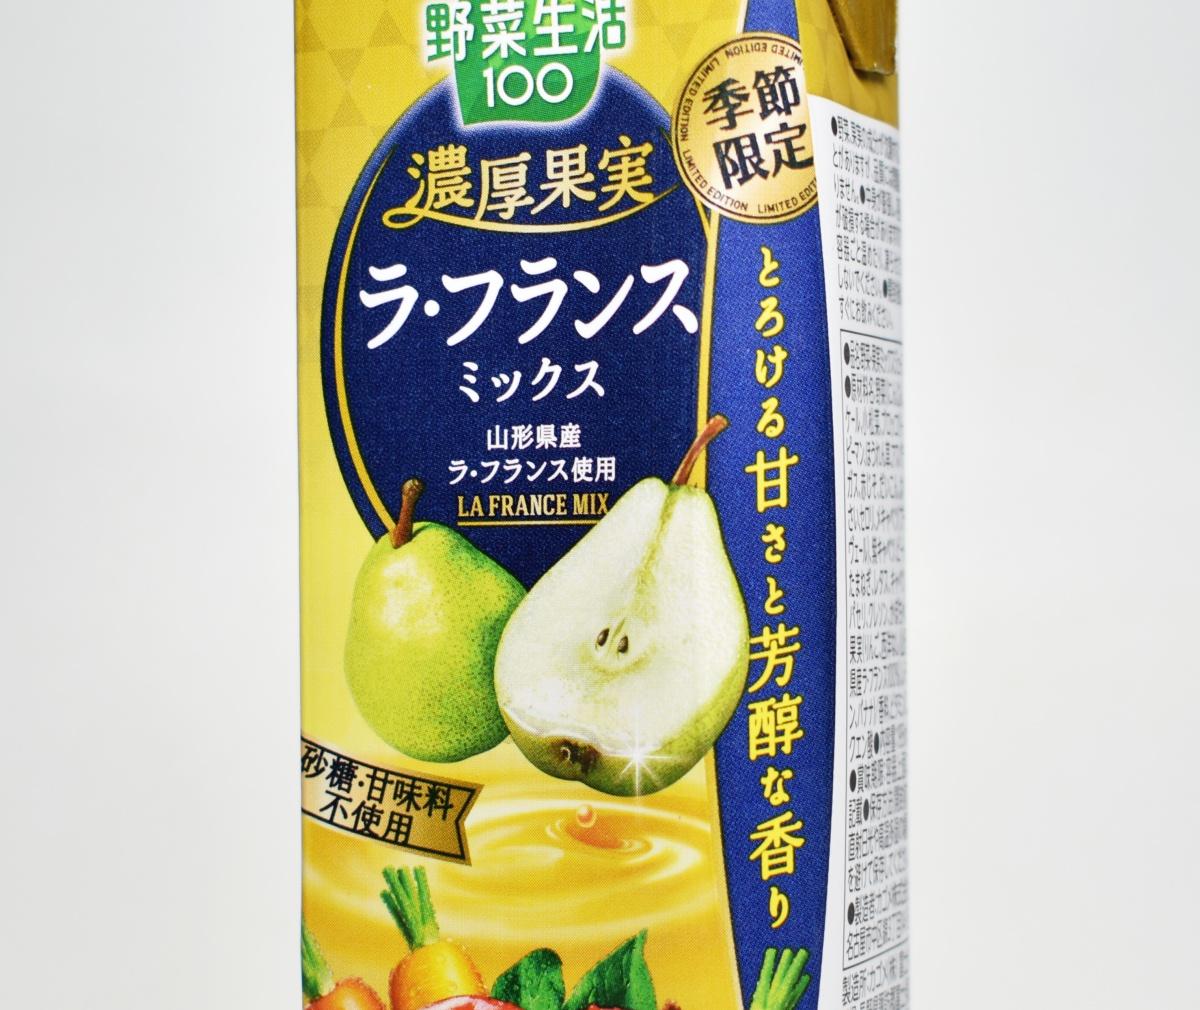 野菜生活100濃厚果実 ラ・フランスミックス